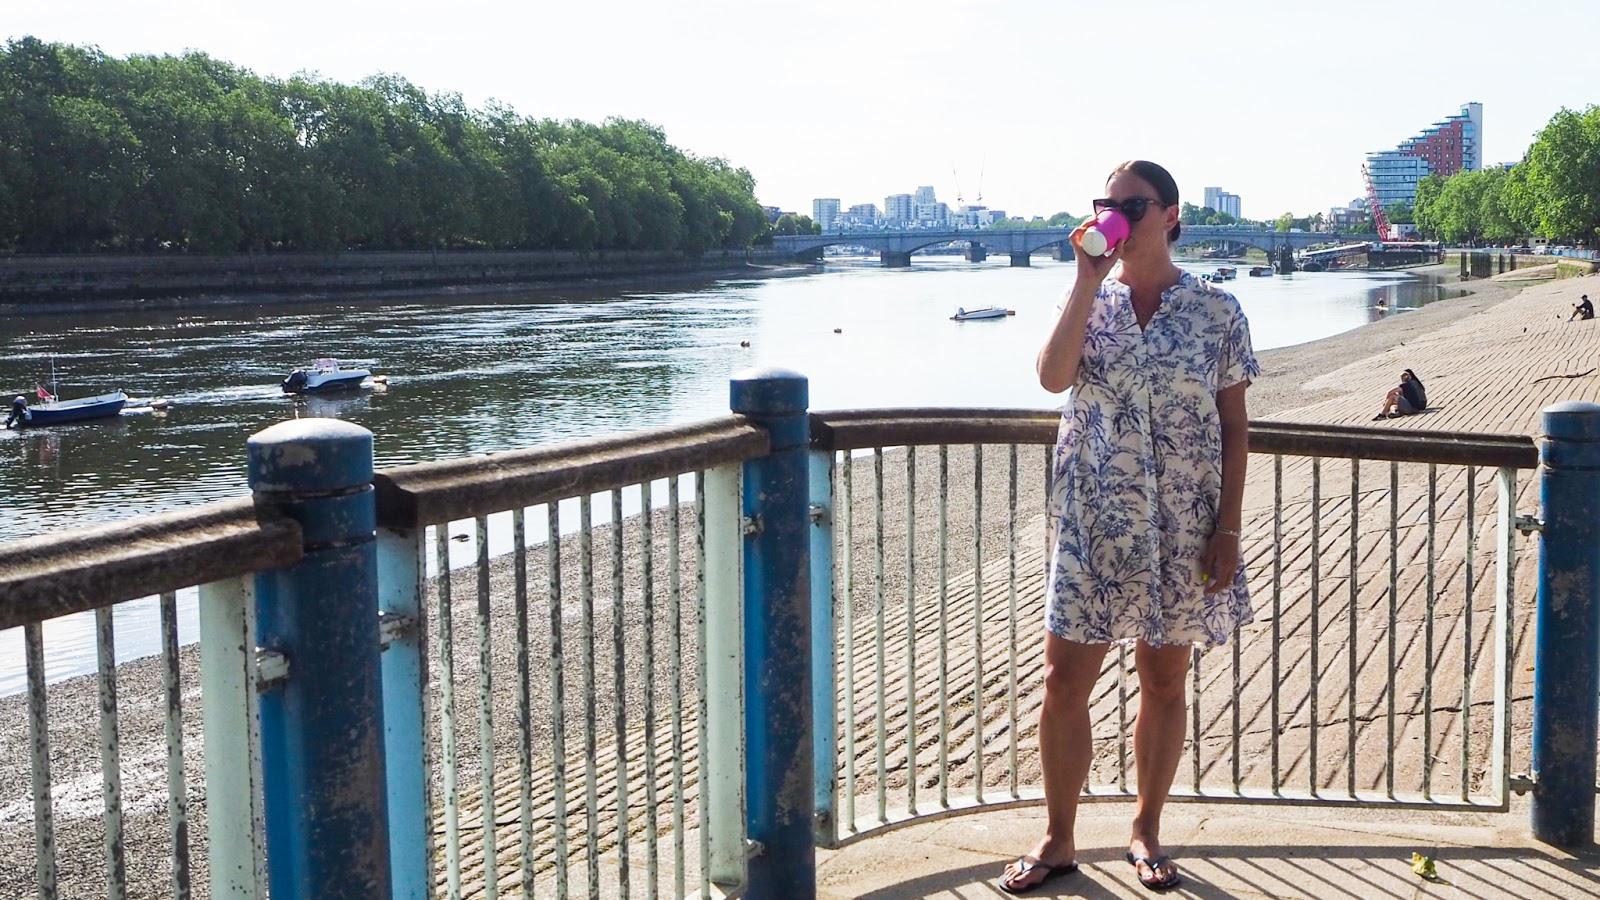 Putney Riverside in London